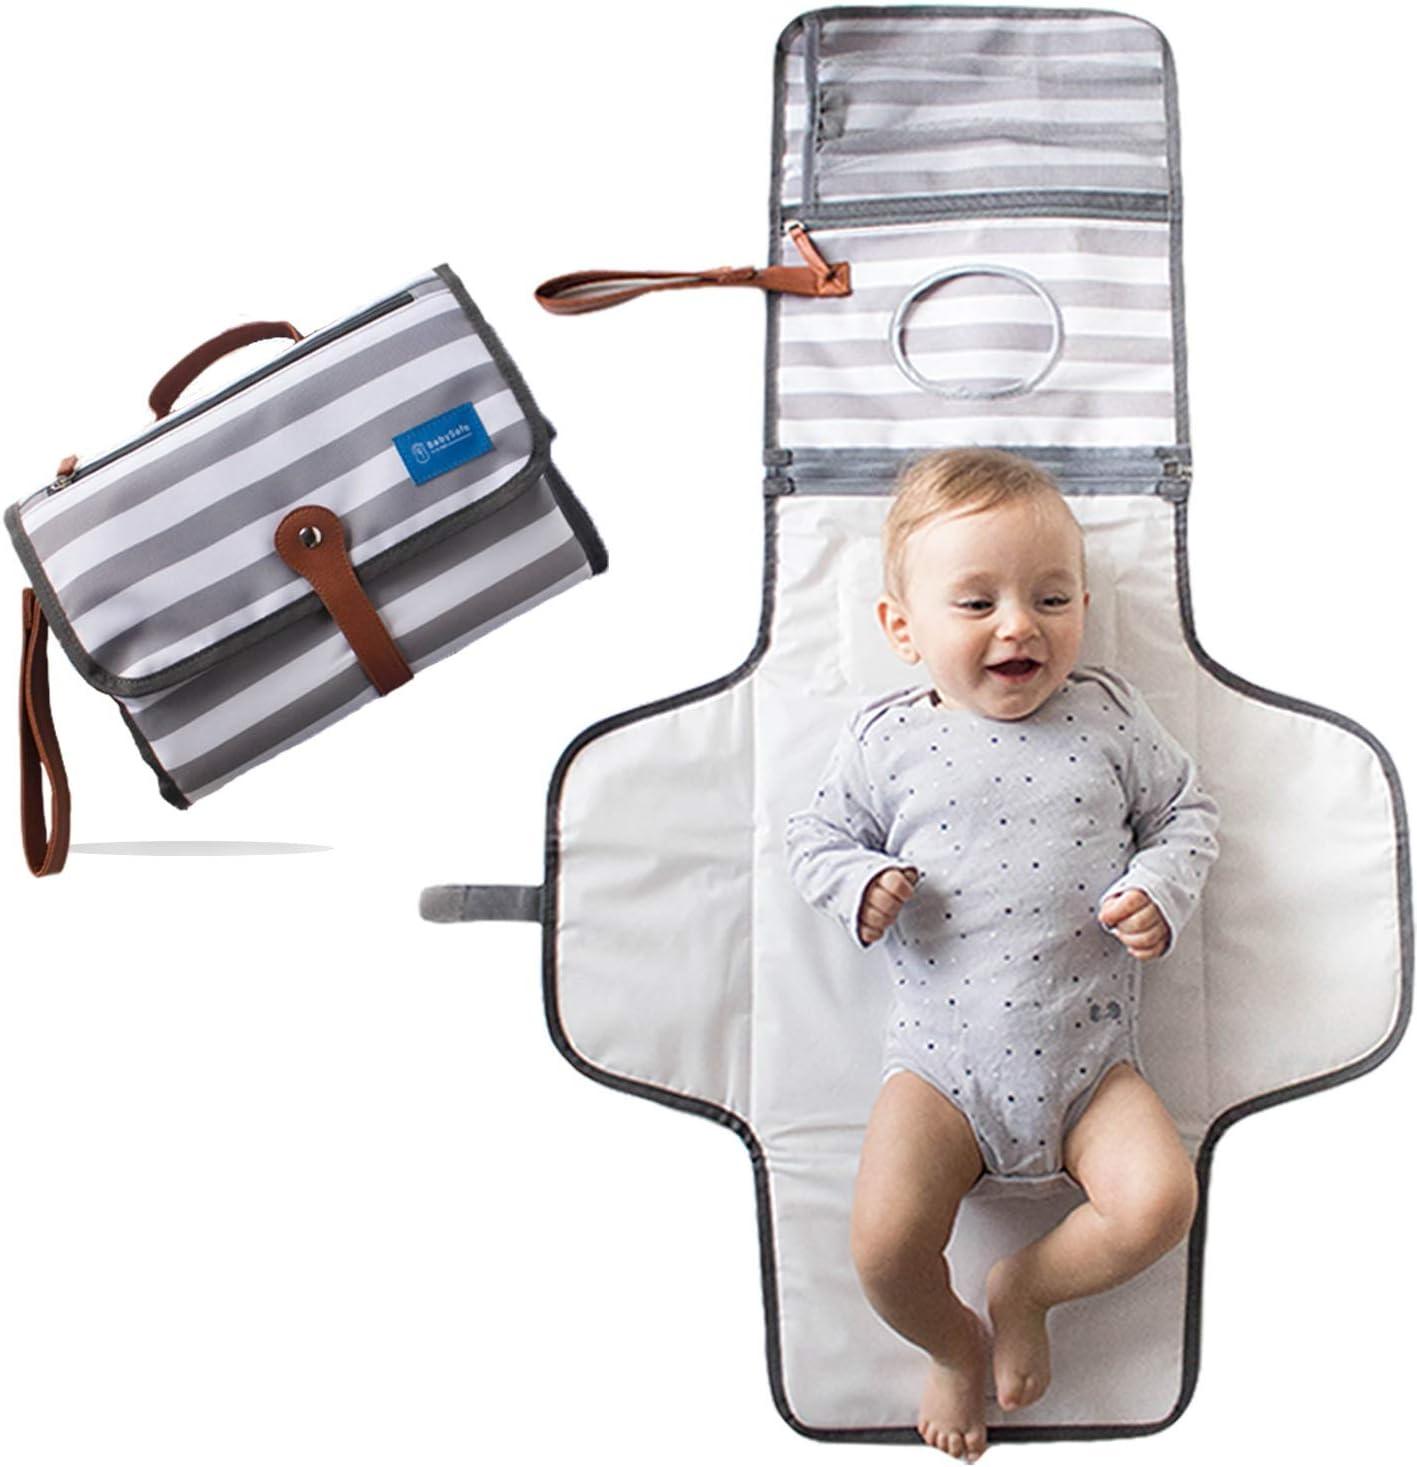 Borsa fasciatoio con fasciatoio e tasca per bottiglie motivo floreale impermeabile per neonati con grande capacit/à multifunzione da viaggio Kaome